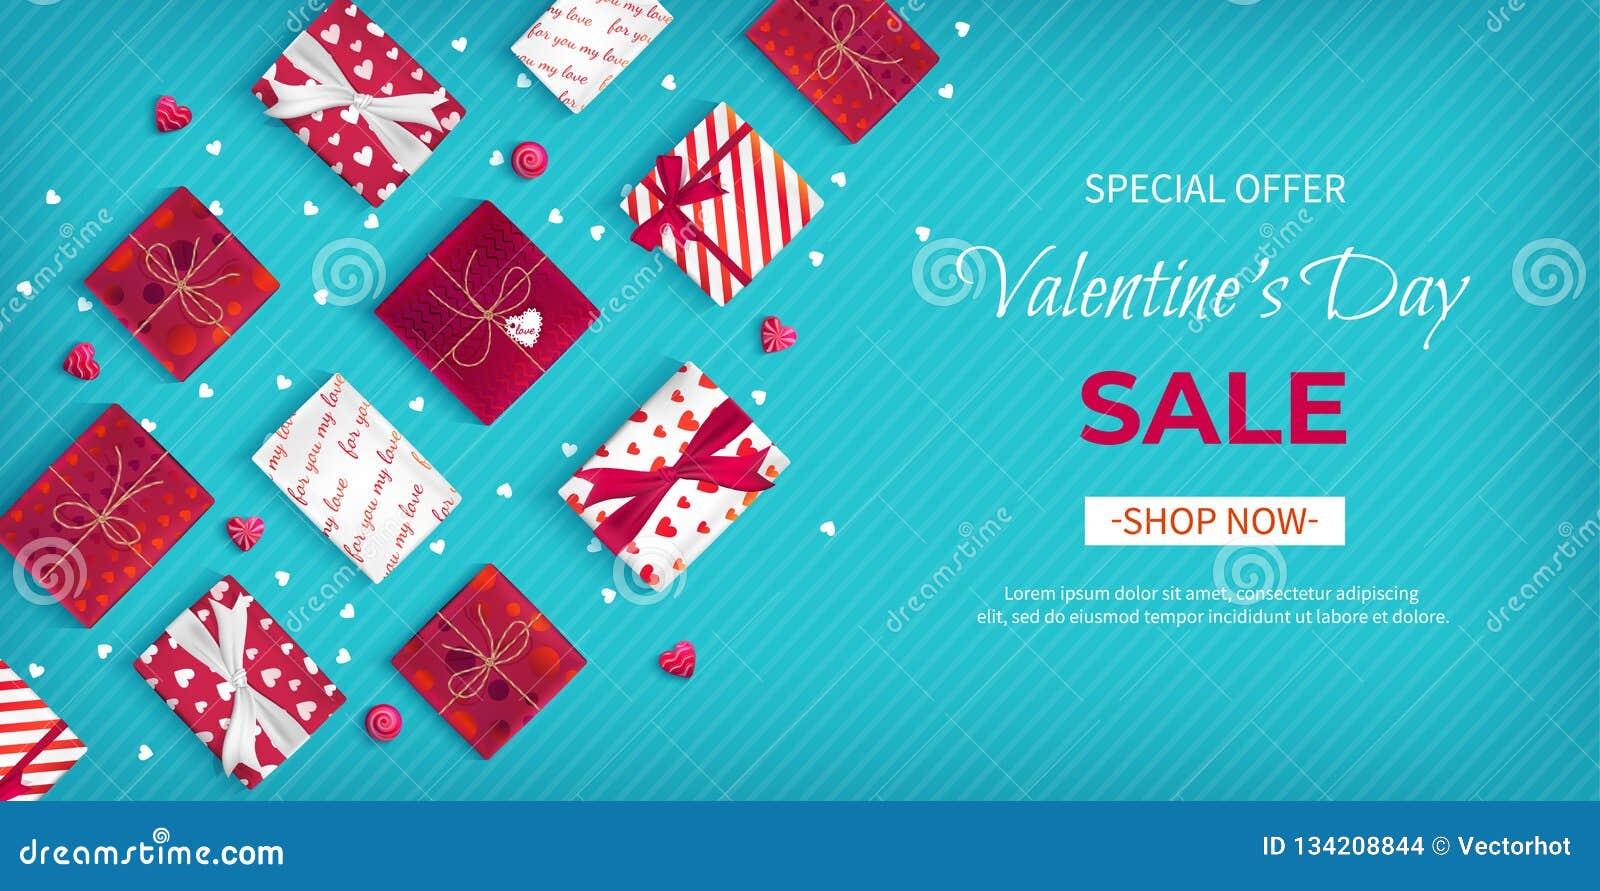 Продажа дня Валентайн особенного предложения Рогулька скидки, большая сезонная продажа Горизонтальное знамя сети с много коробок